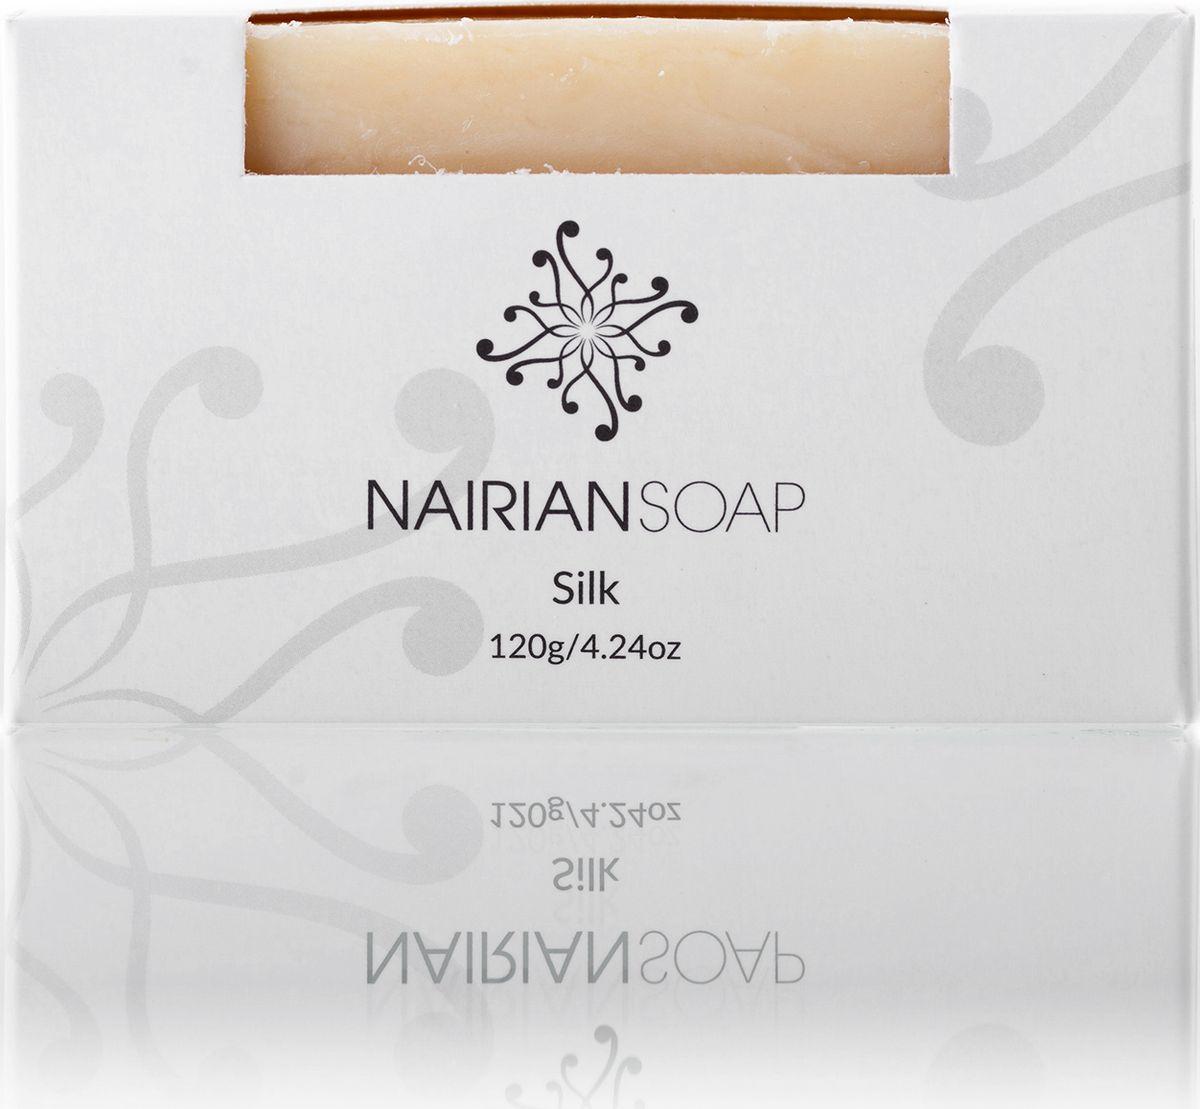 Nairian Мыло, шелк, 120 гBSSSK-01-0120Смесь питательных масел и успокоительных экстрактов, разработанная специально для шершавой, сухой и потрескавшейся кожи. Изначально формула была придумана основателями марки Nairian для ребенка друзей, страдавшего от экземы. Гранатовое и абрикосовое масла, а также протеин шёлка, входящие в состав мыла, создают на коже защитную пленку из жировых кислот, которые смягчают кожу и защищают от негативного воздействия окружающей среды. Подходит для всего тела.